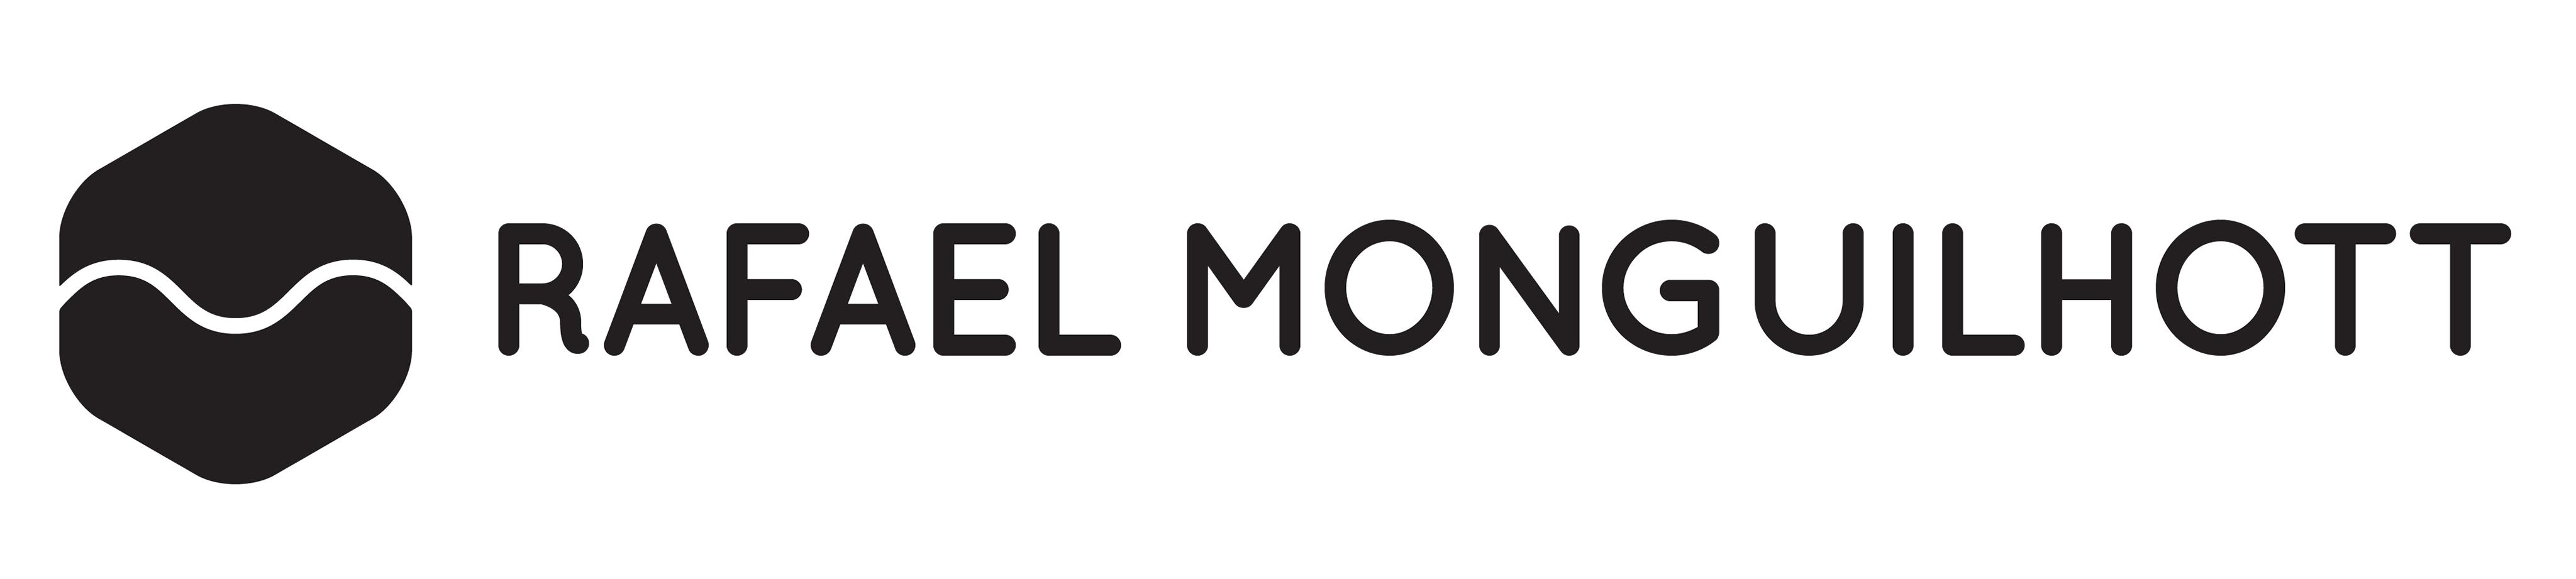 Rafael Monguilhott